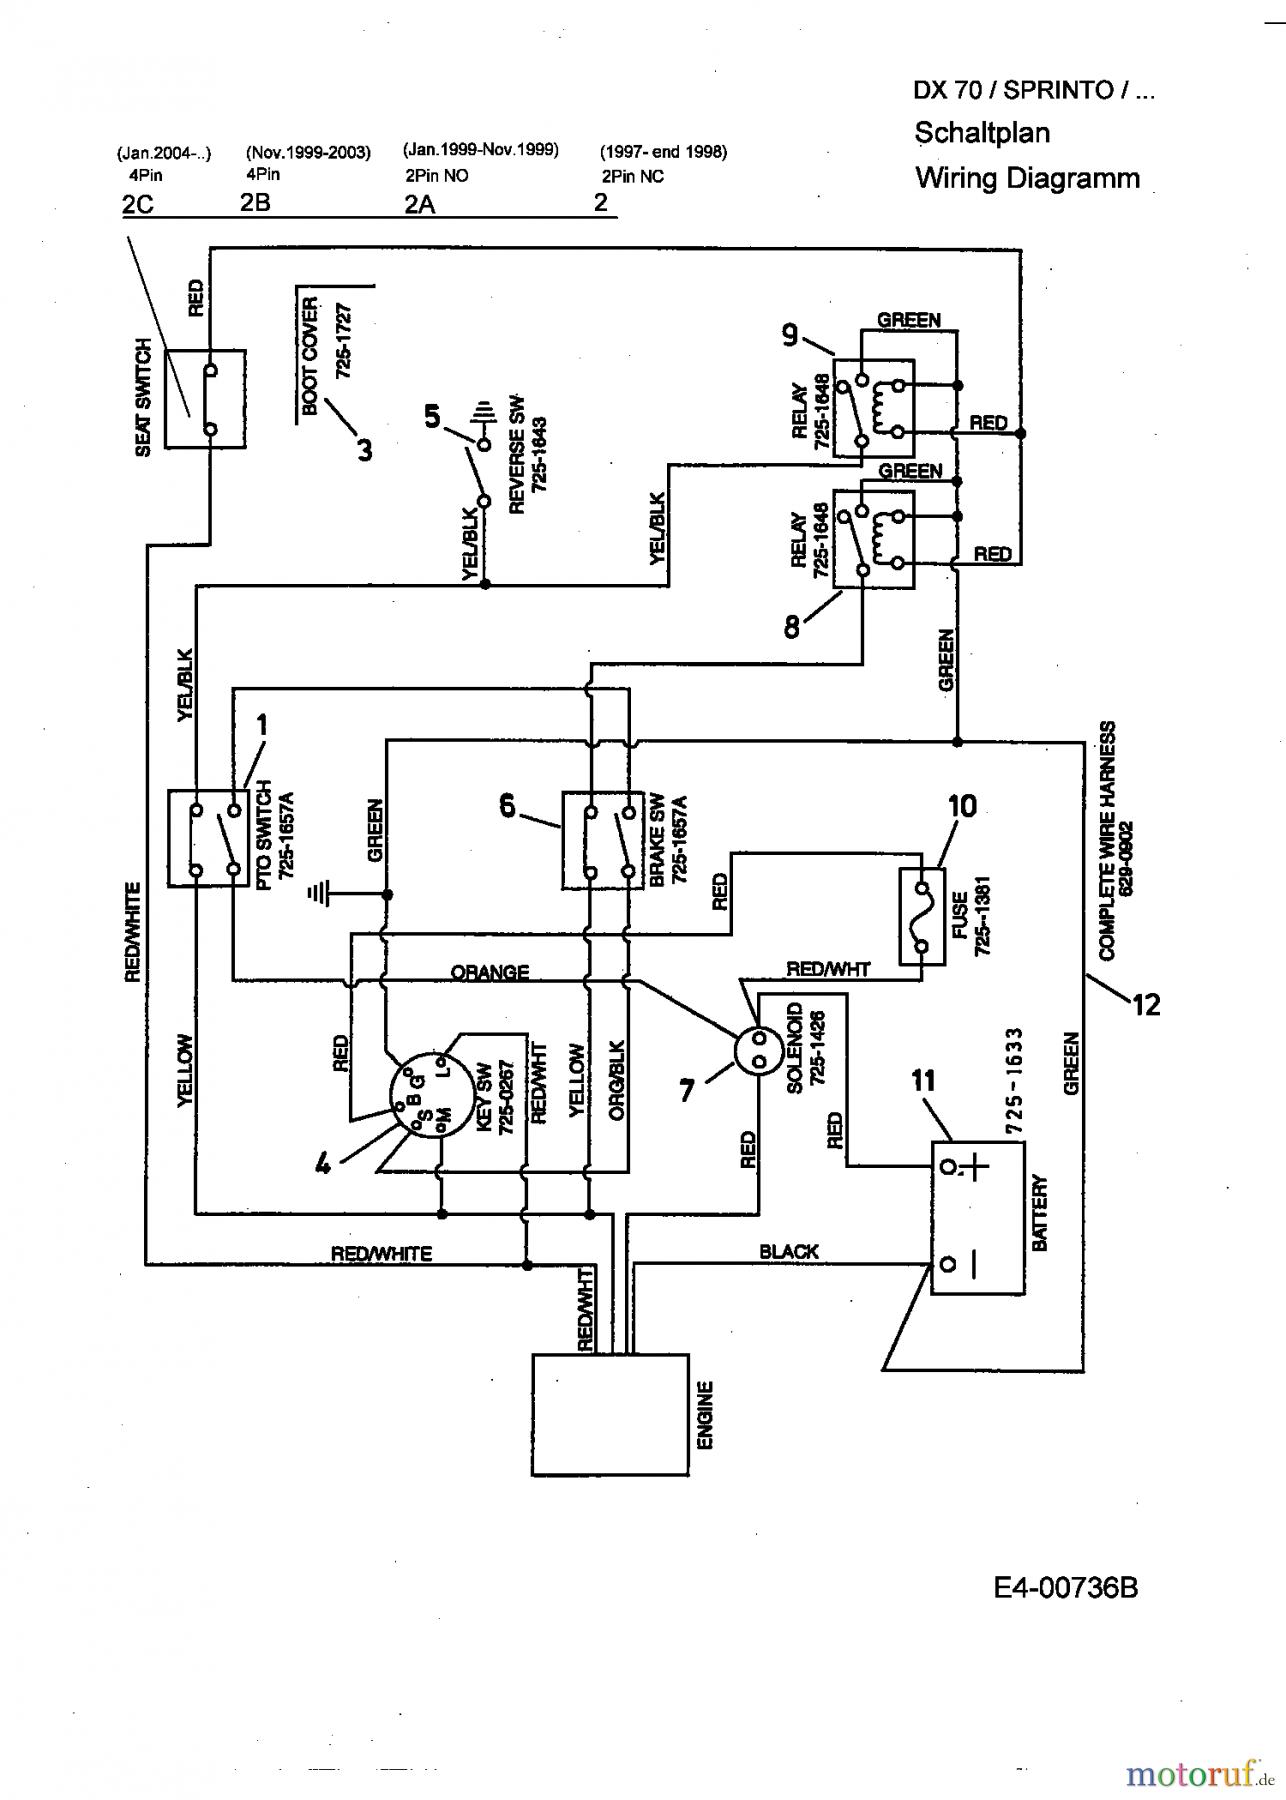 huskee riding mower electrical diagram huskee riding mower diagrammtd huskee 20 hp wire diagram automotive wiring diagrams huskee riding mower parts mtd yardman wiring